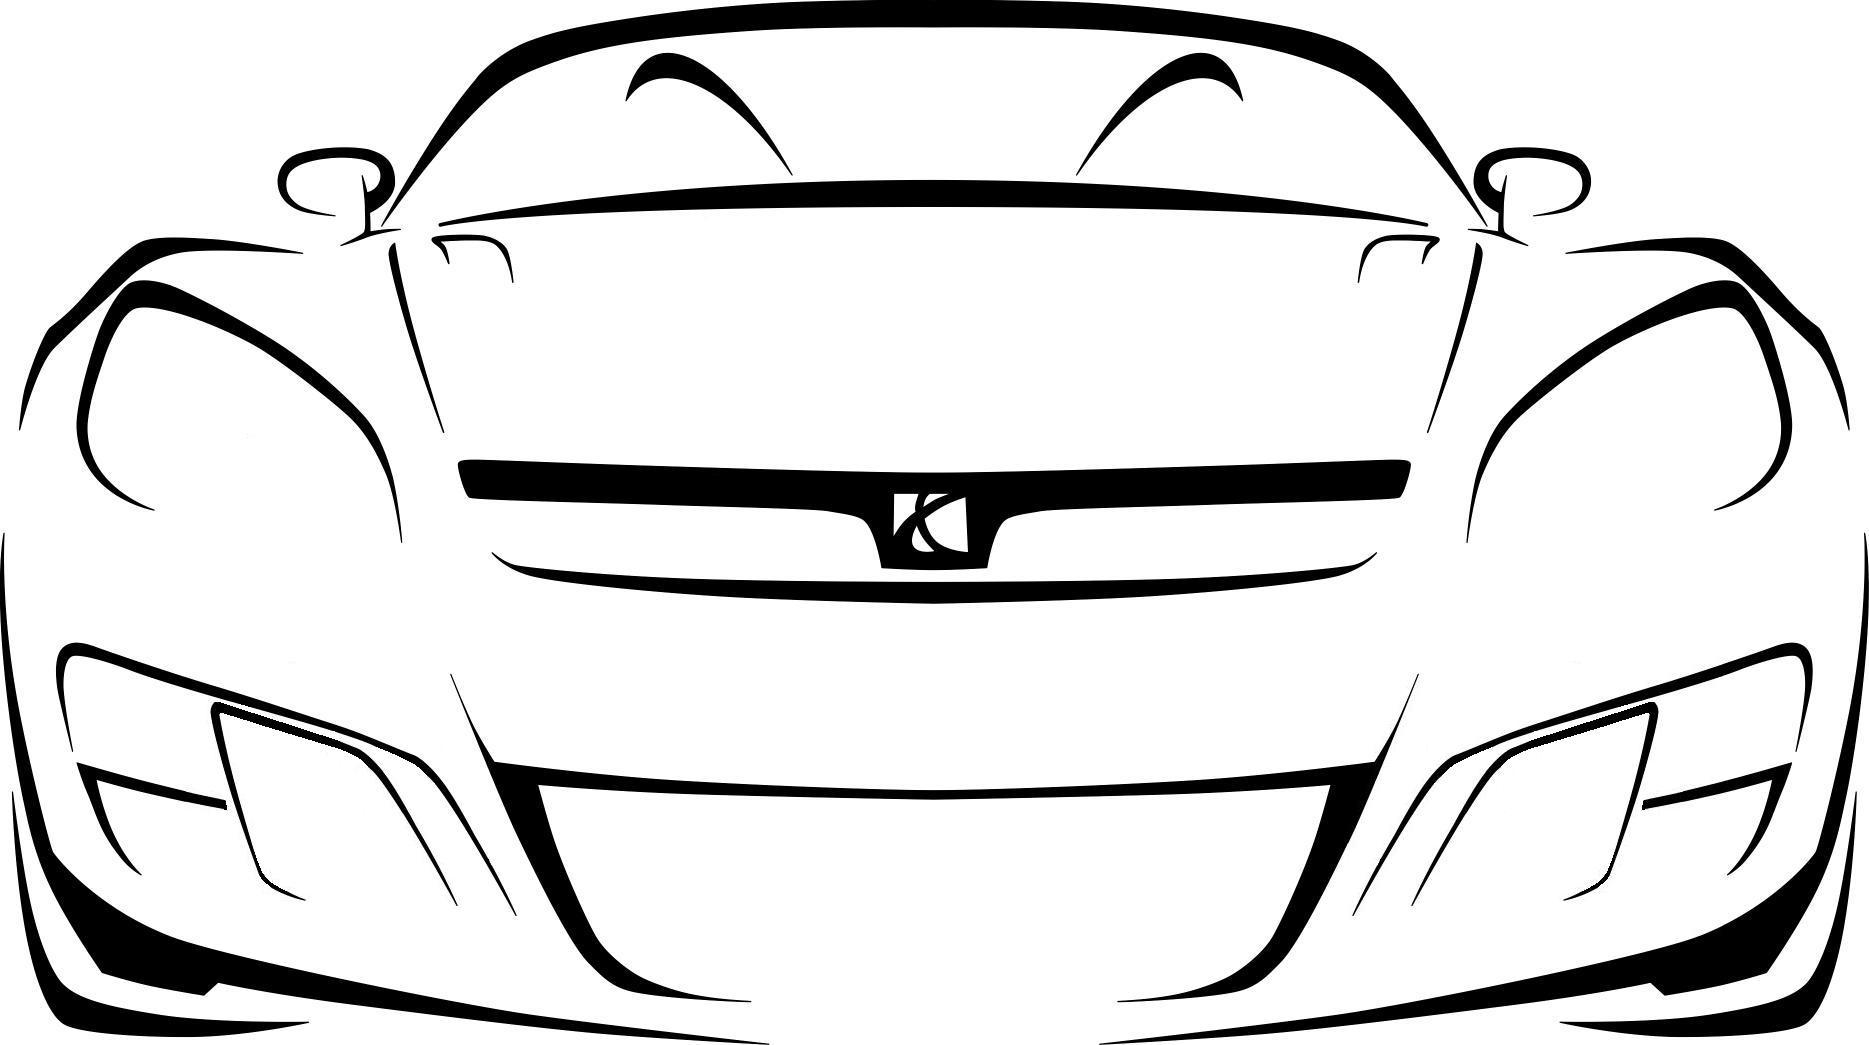 Race Cars Outline